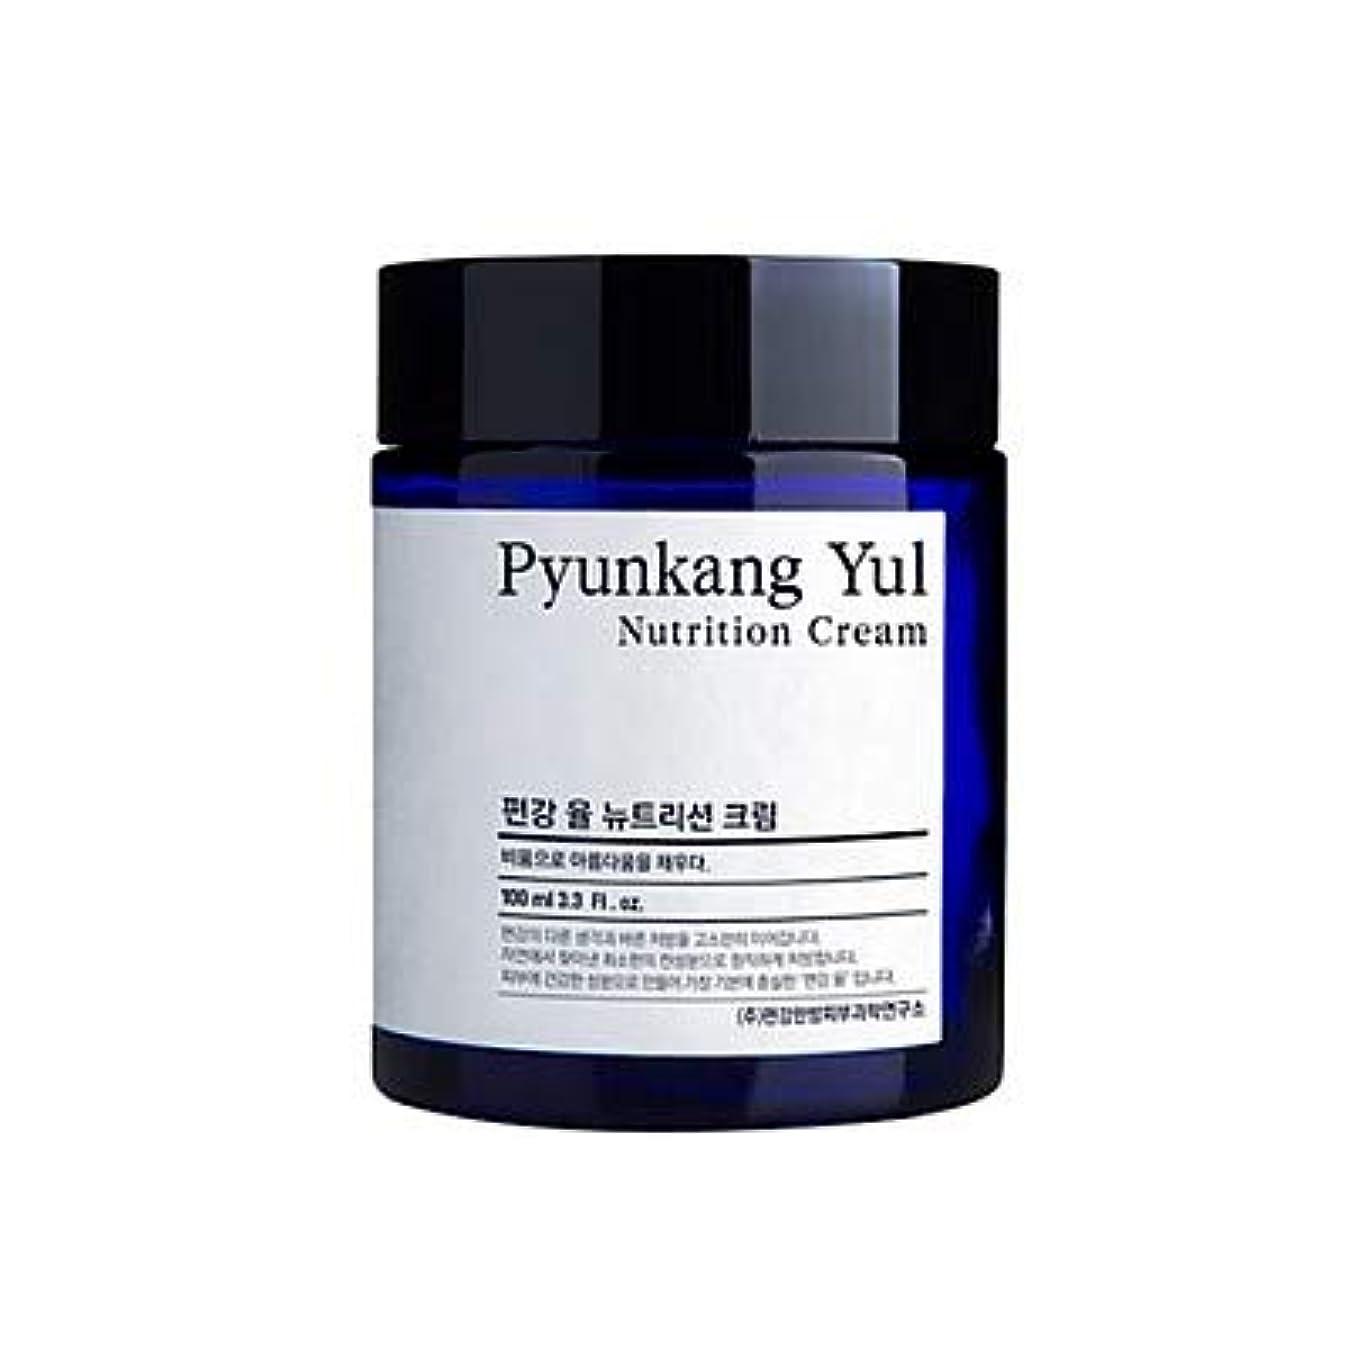 クラック半ば気晴らし[扁康率(PYUNKANG YUL)] Nutrition Cream/栄養クリーム 100ml [並行輸入品]